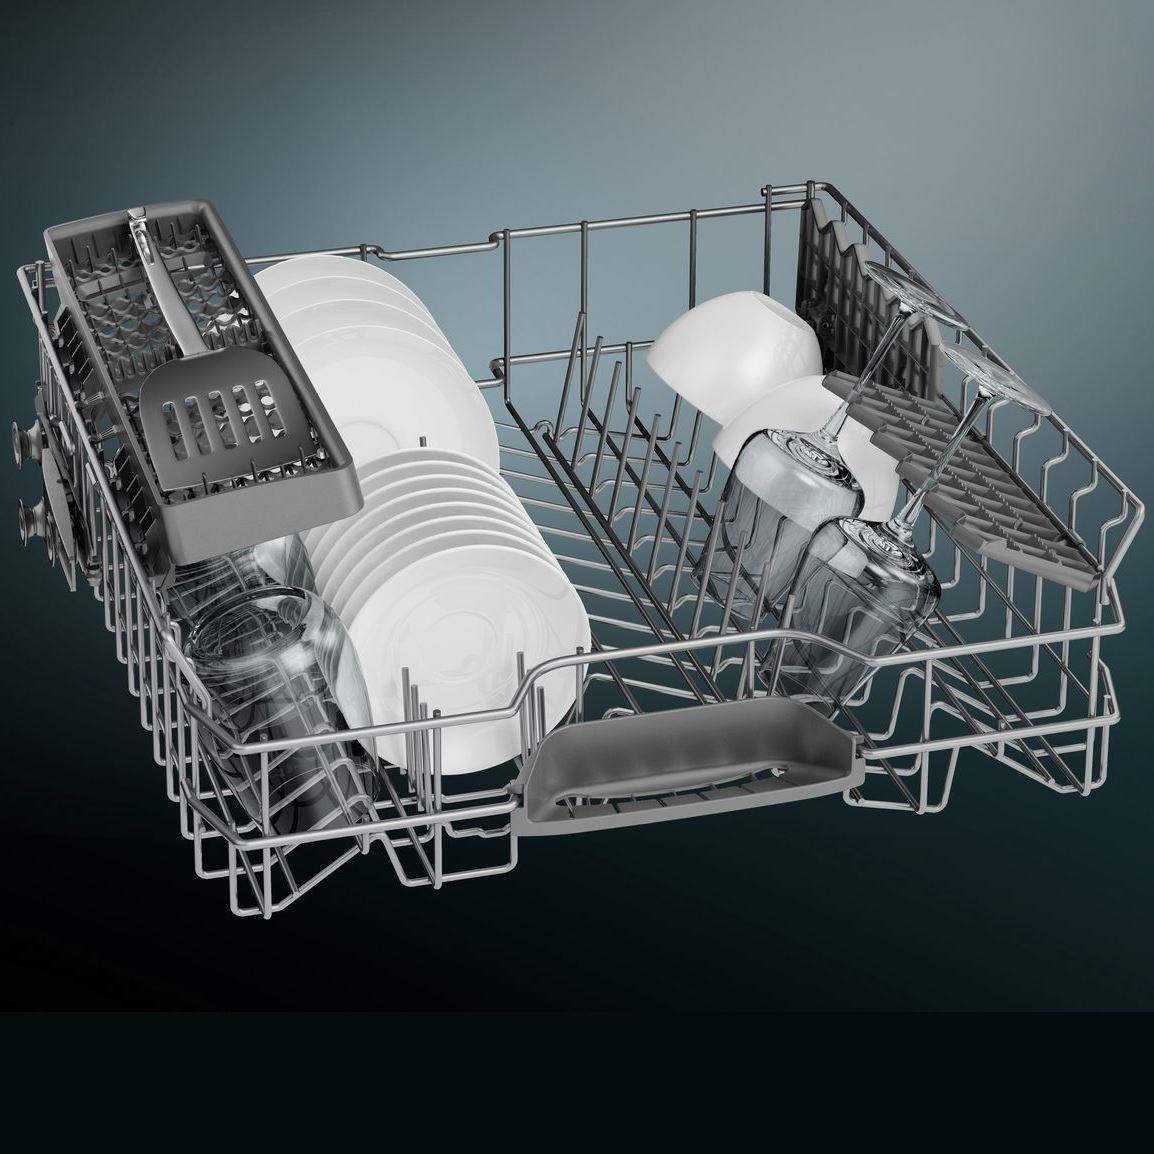 מדיח כלים רחב דגם SN636X02CE אינטגרלי מלא Siemens סימנס - תמונה 3